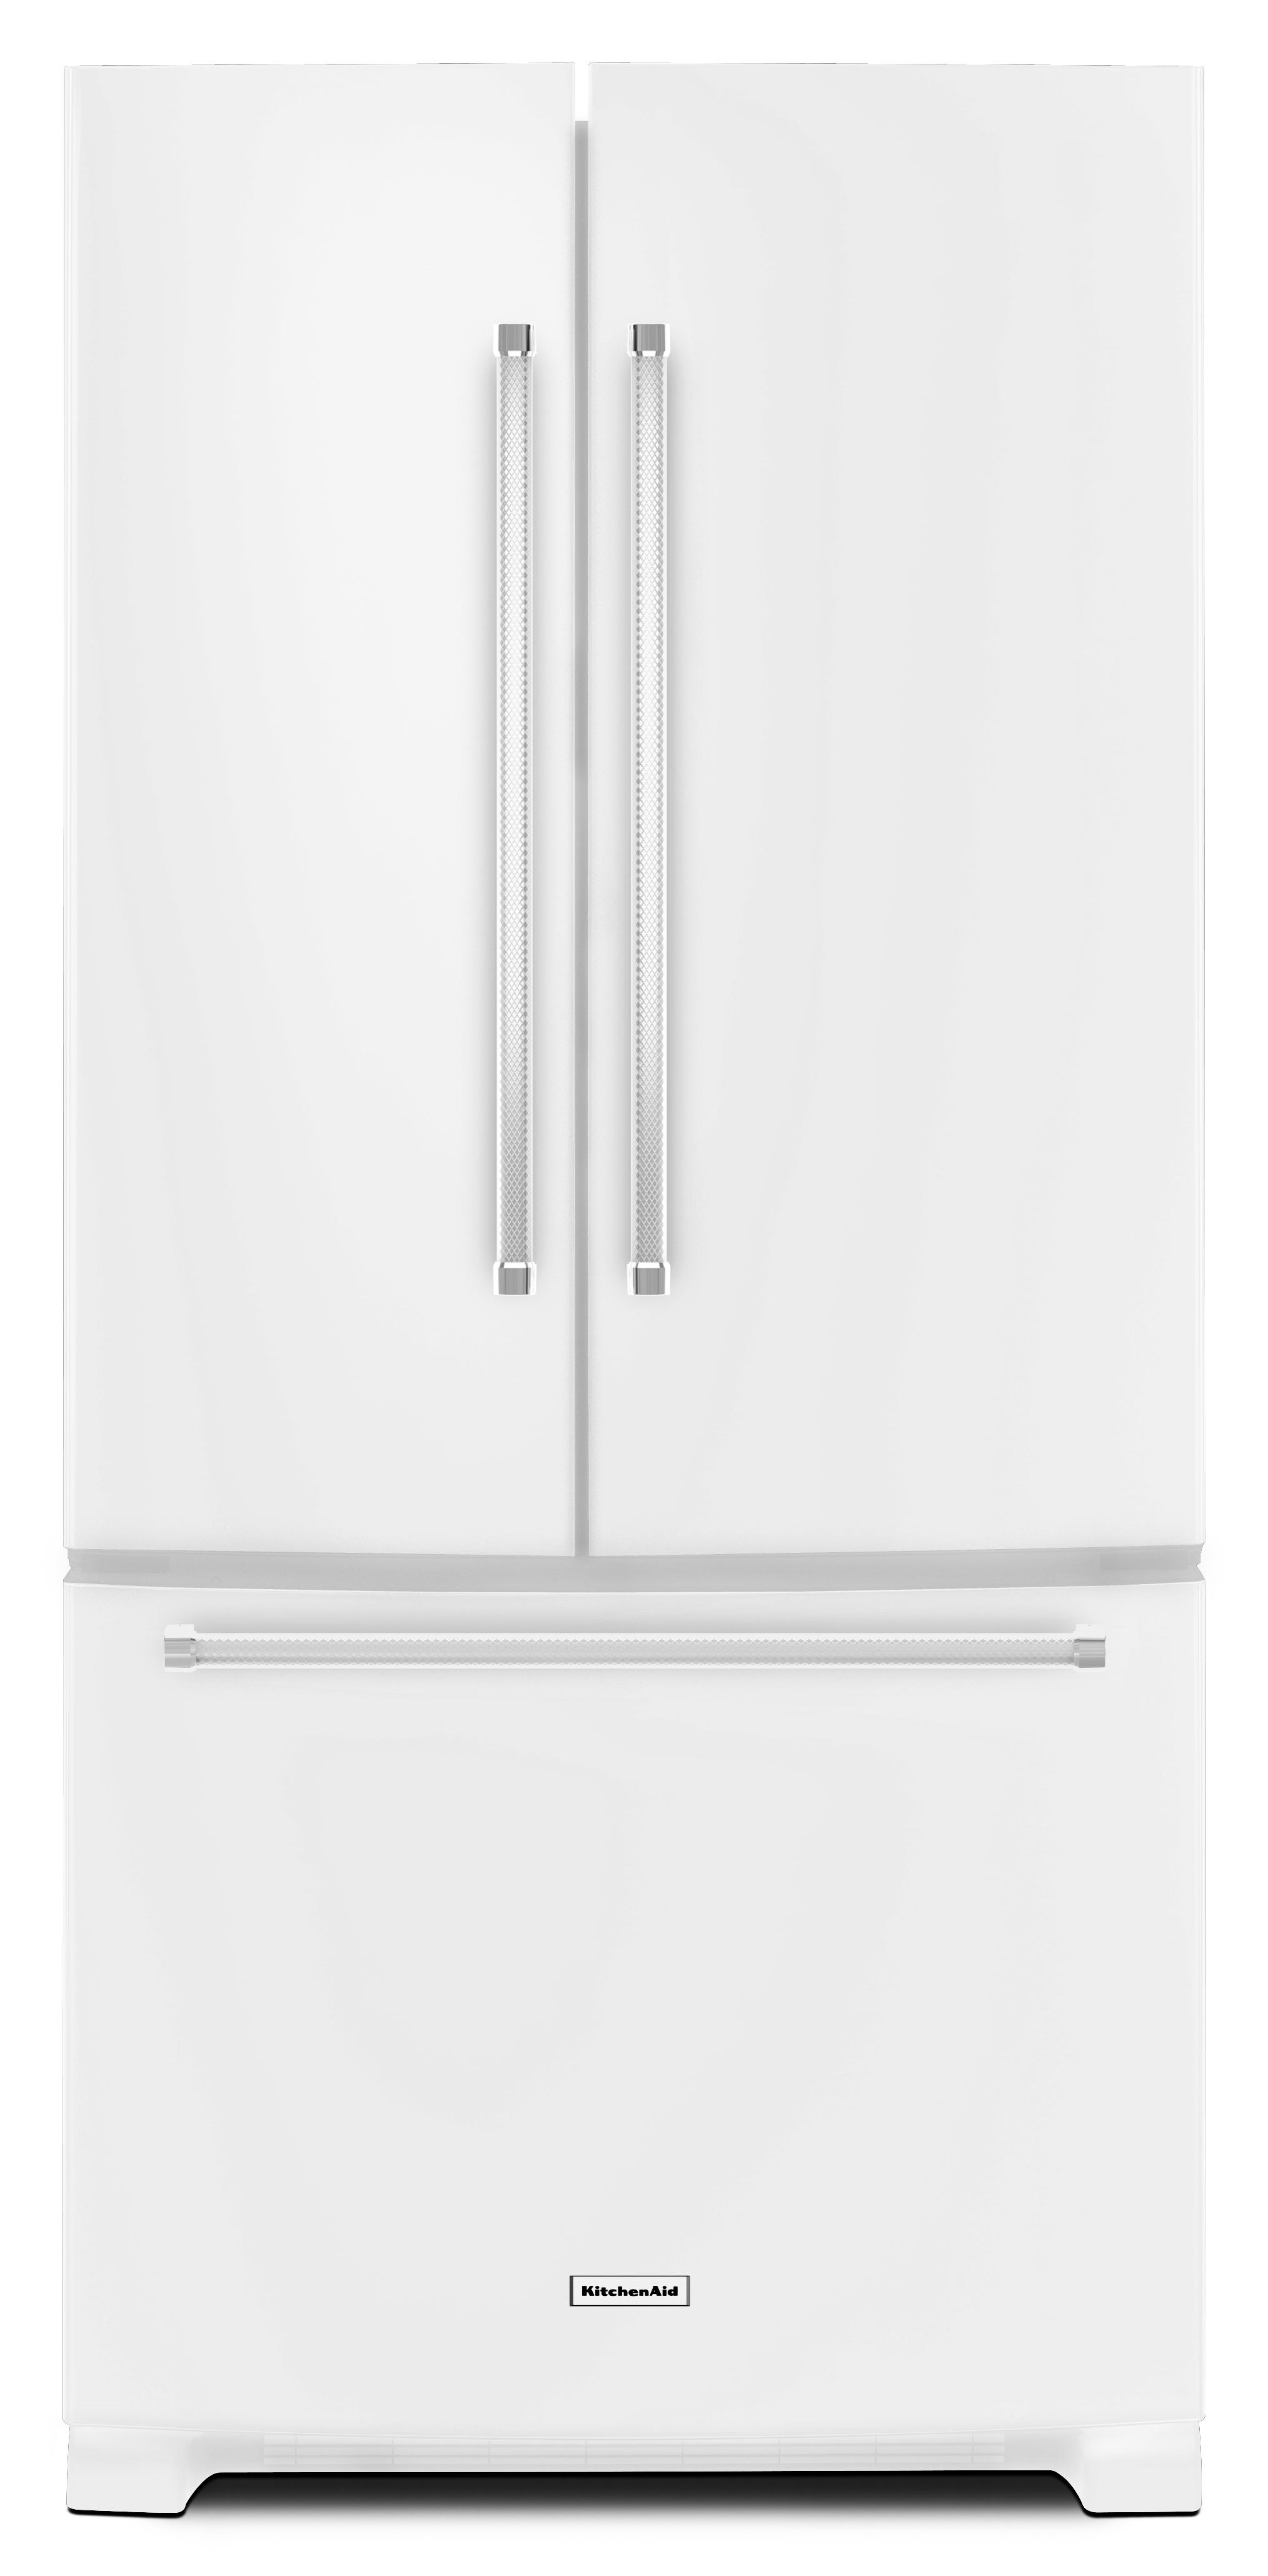 KitchenAid KRFF302EWH 22.0 Cu. Ft. White French Door Refrigerator